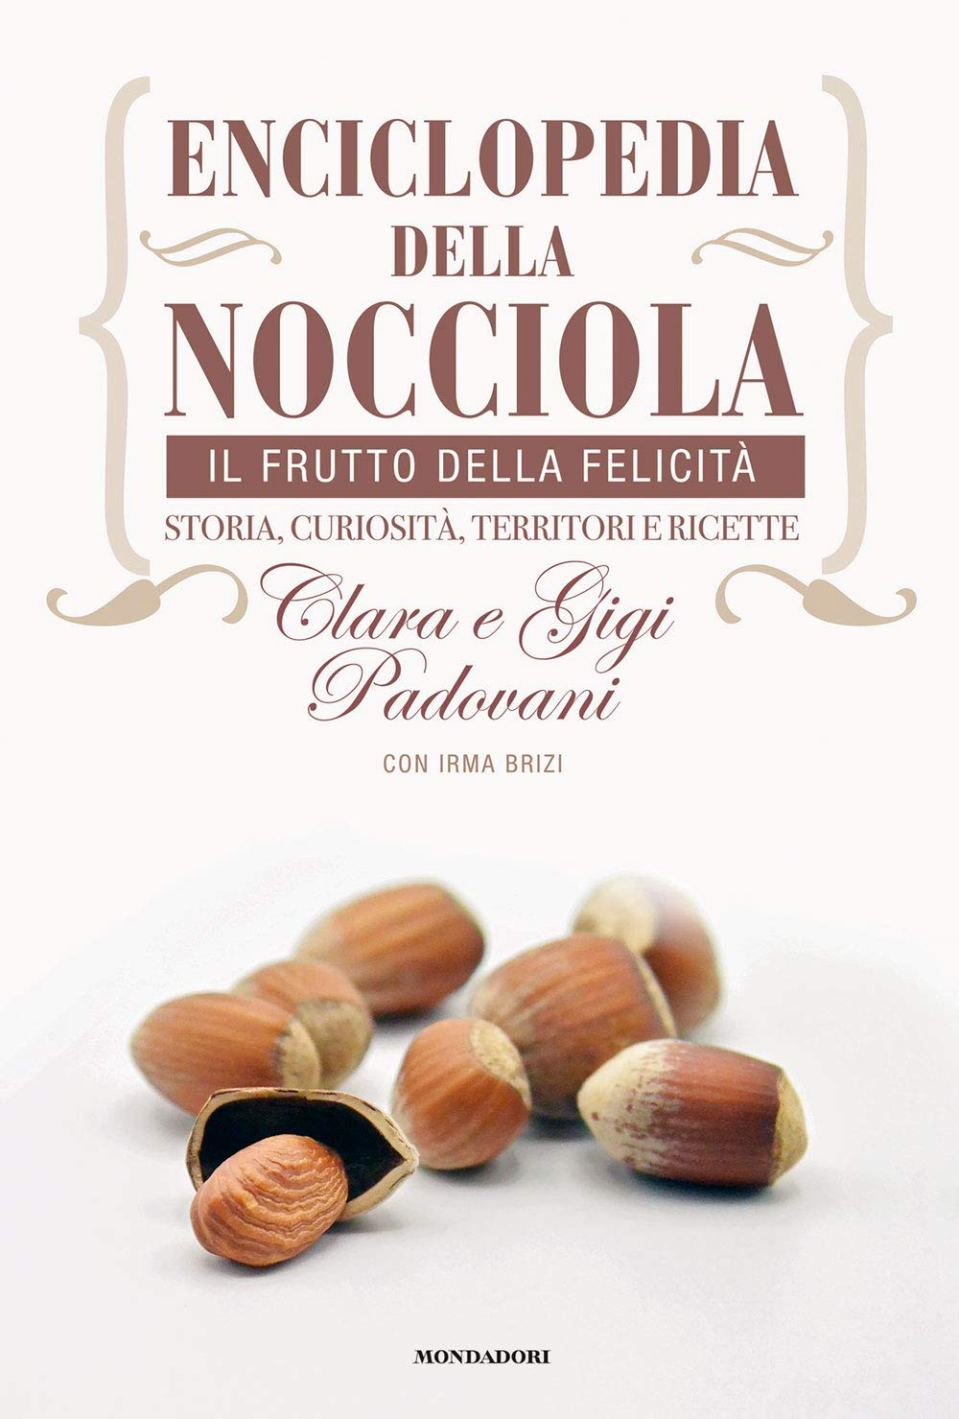 Enciclopedia della nocciola Book Cover